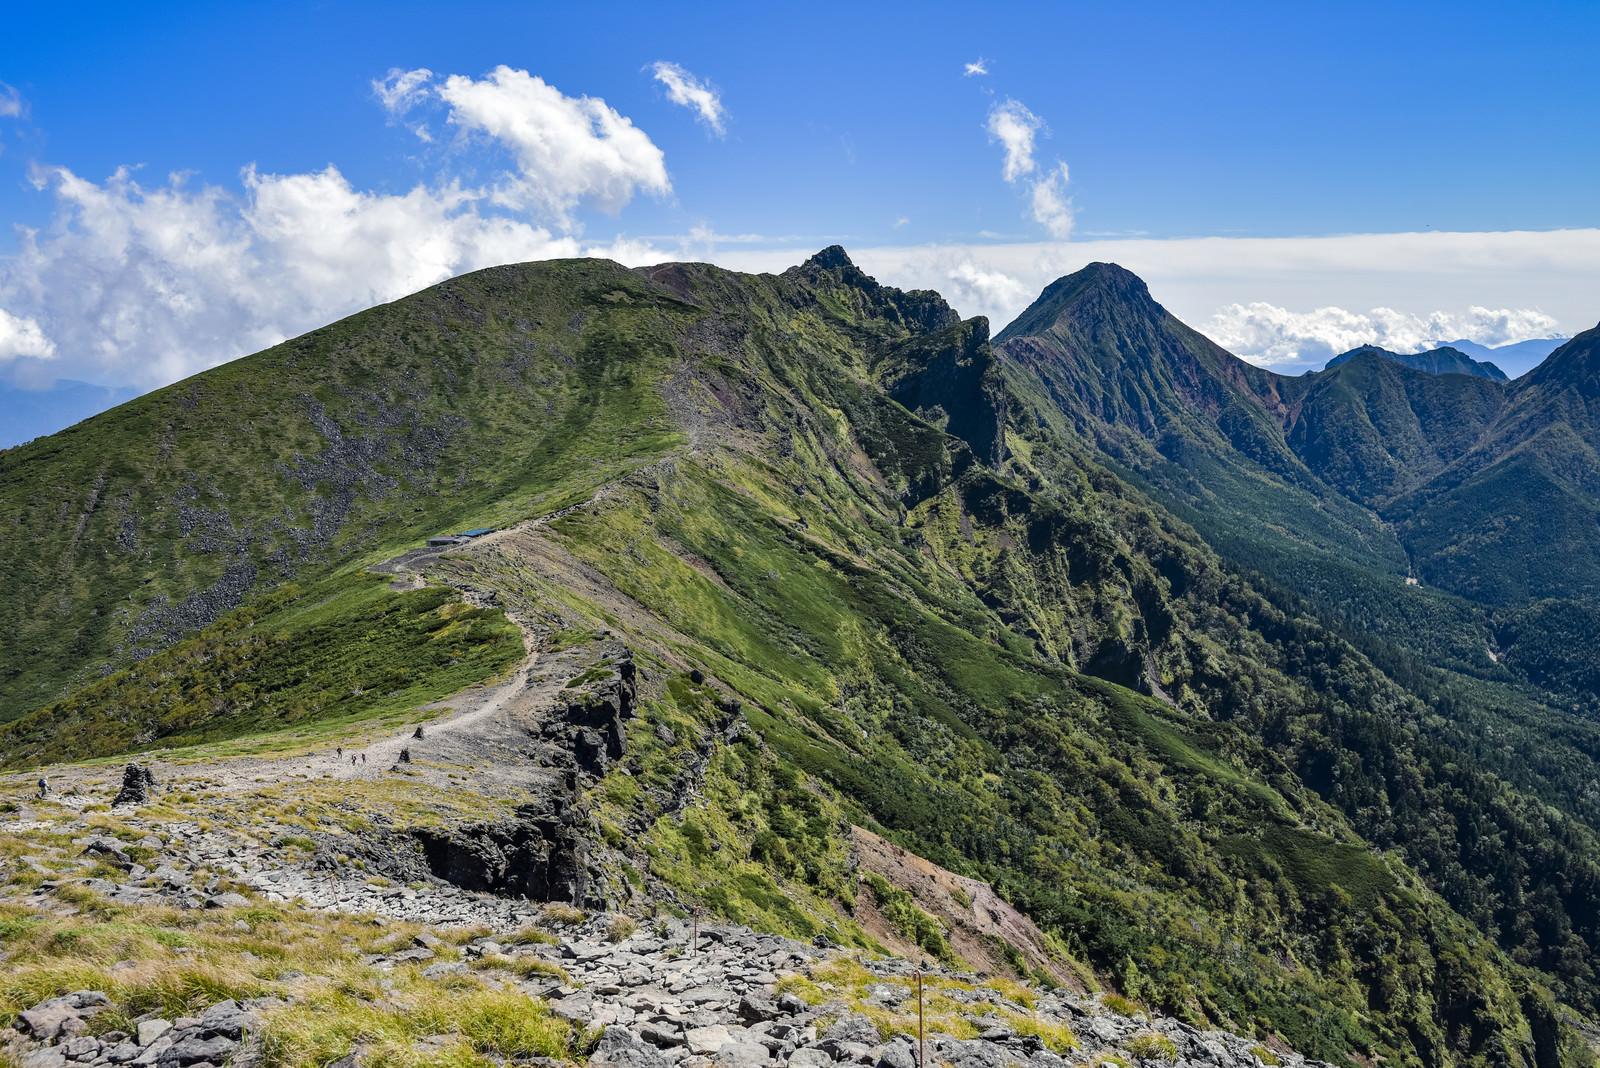 「硫黄岳の緩やかな稜線と奥に構える八ヶ岳主峰赤岳(あかだけ)」の写真